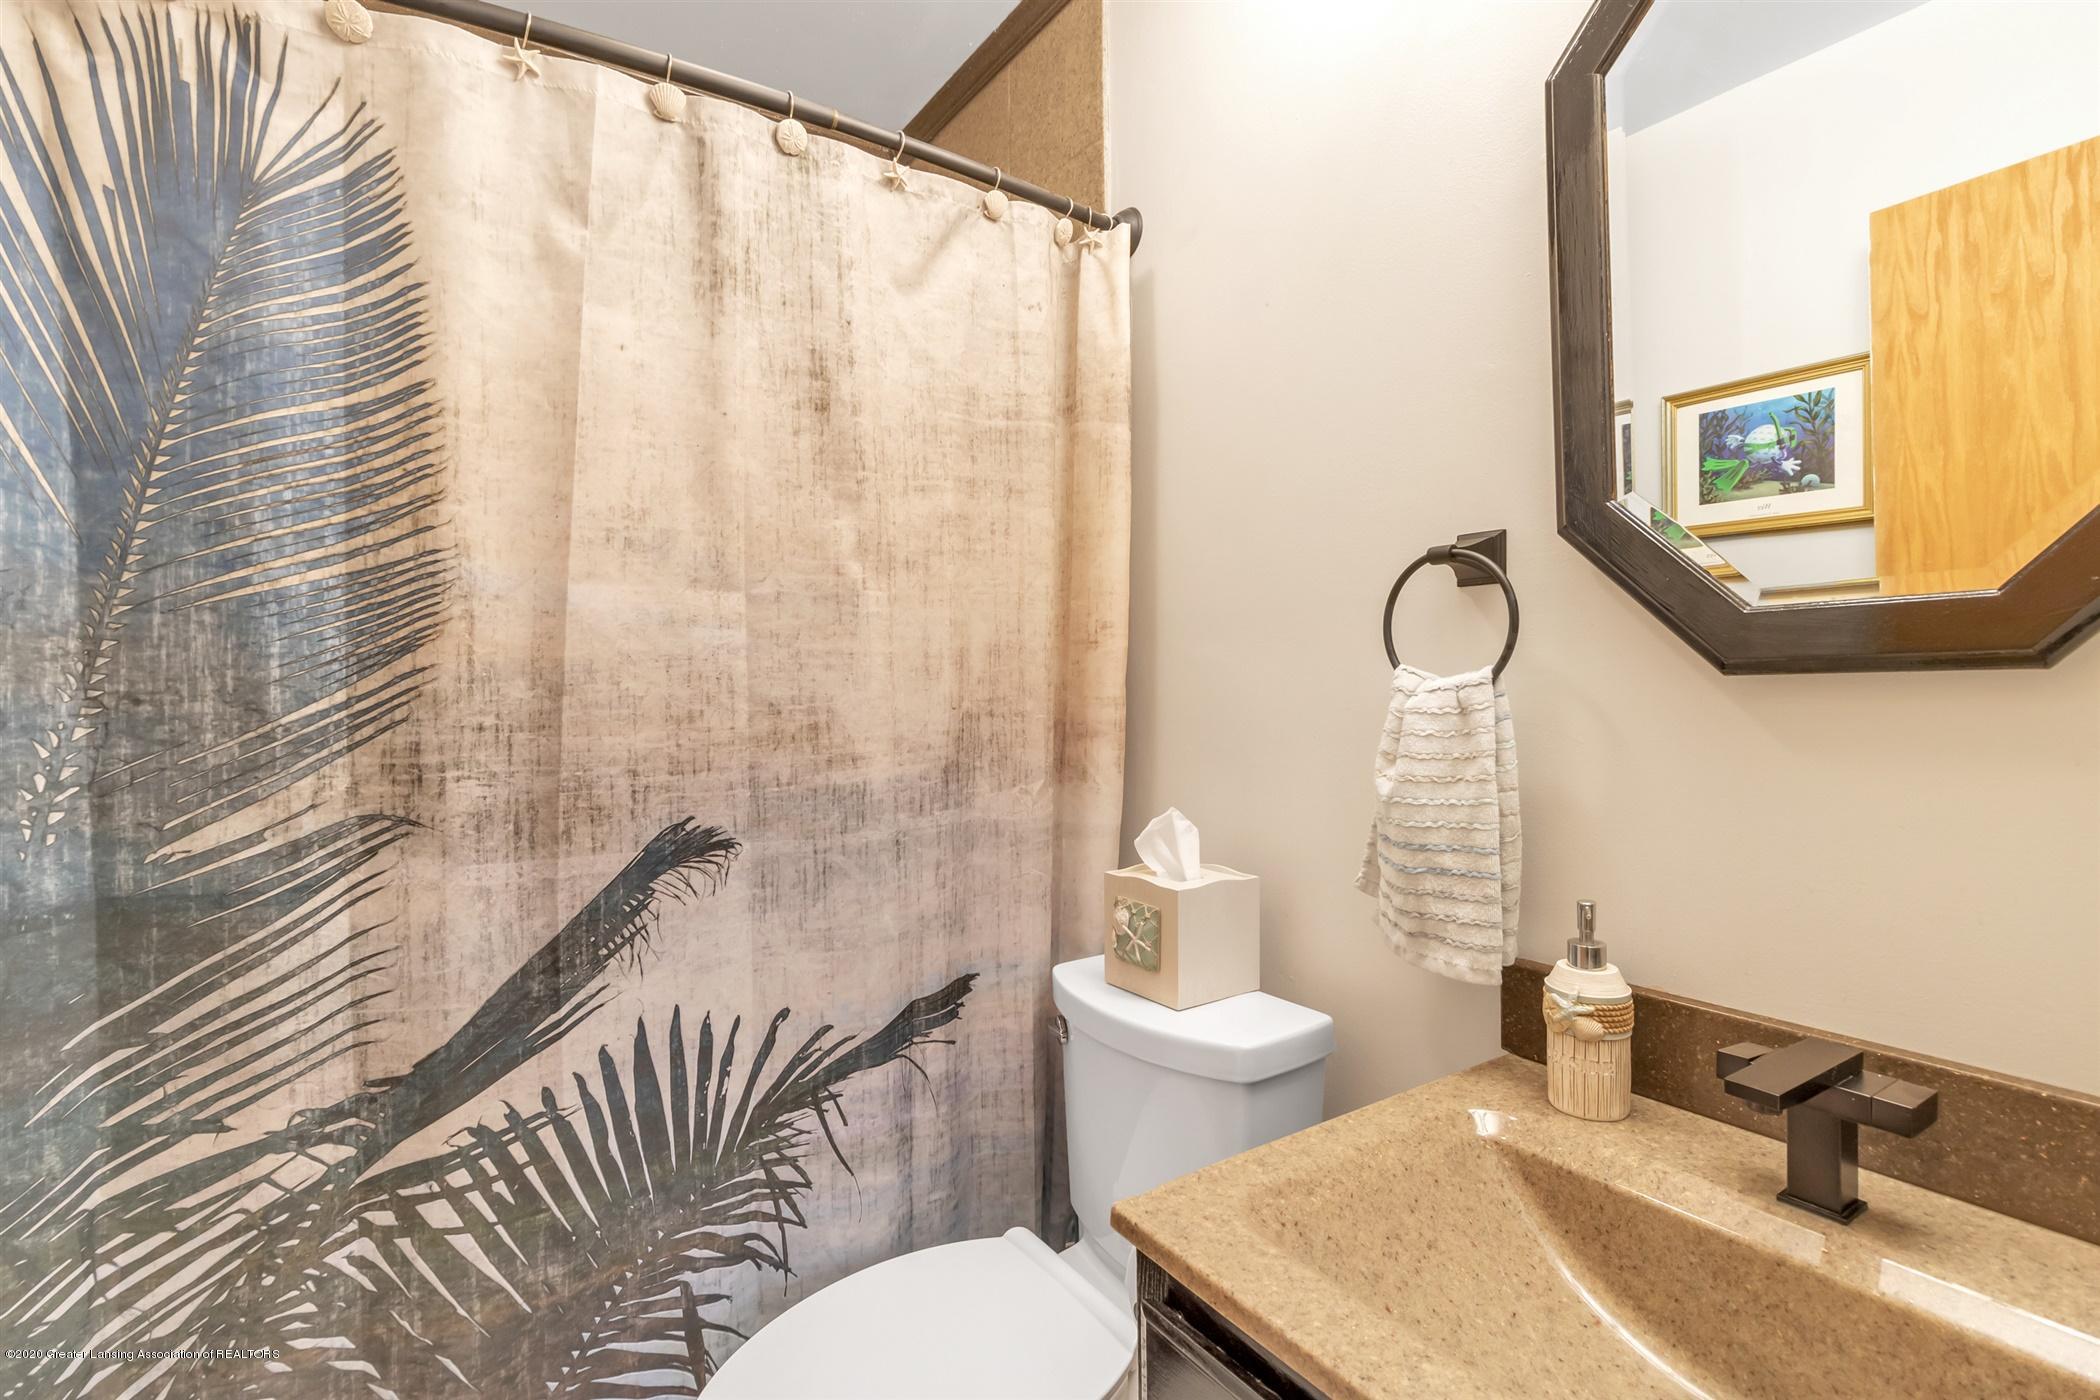 7346 W Cutler Rd - FULL BATHROOM OFF KITCHEN - 14